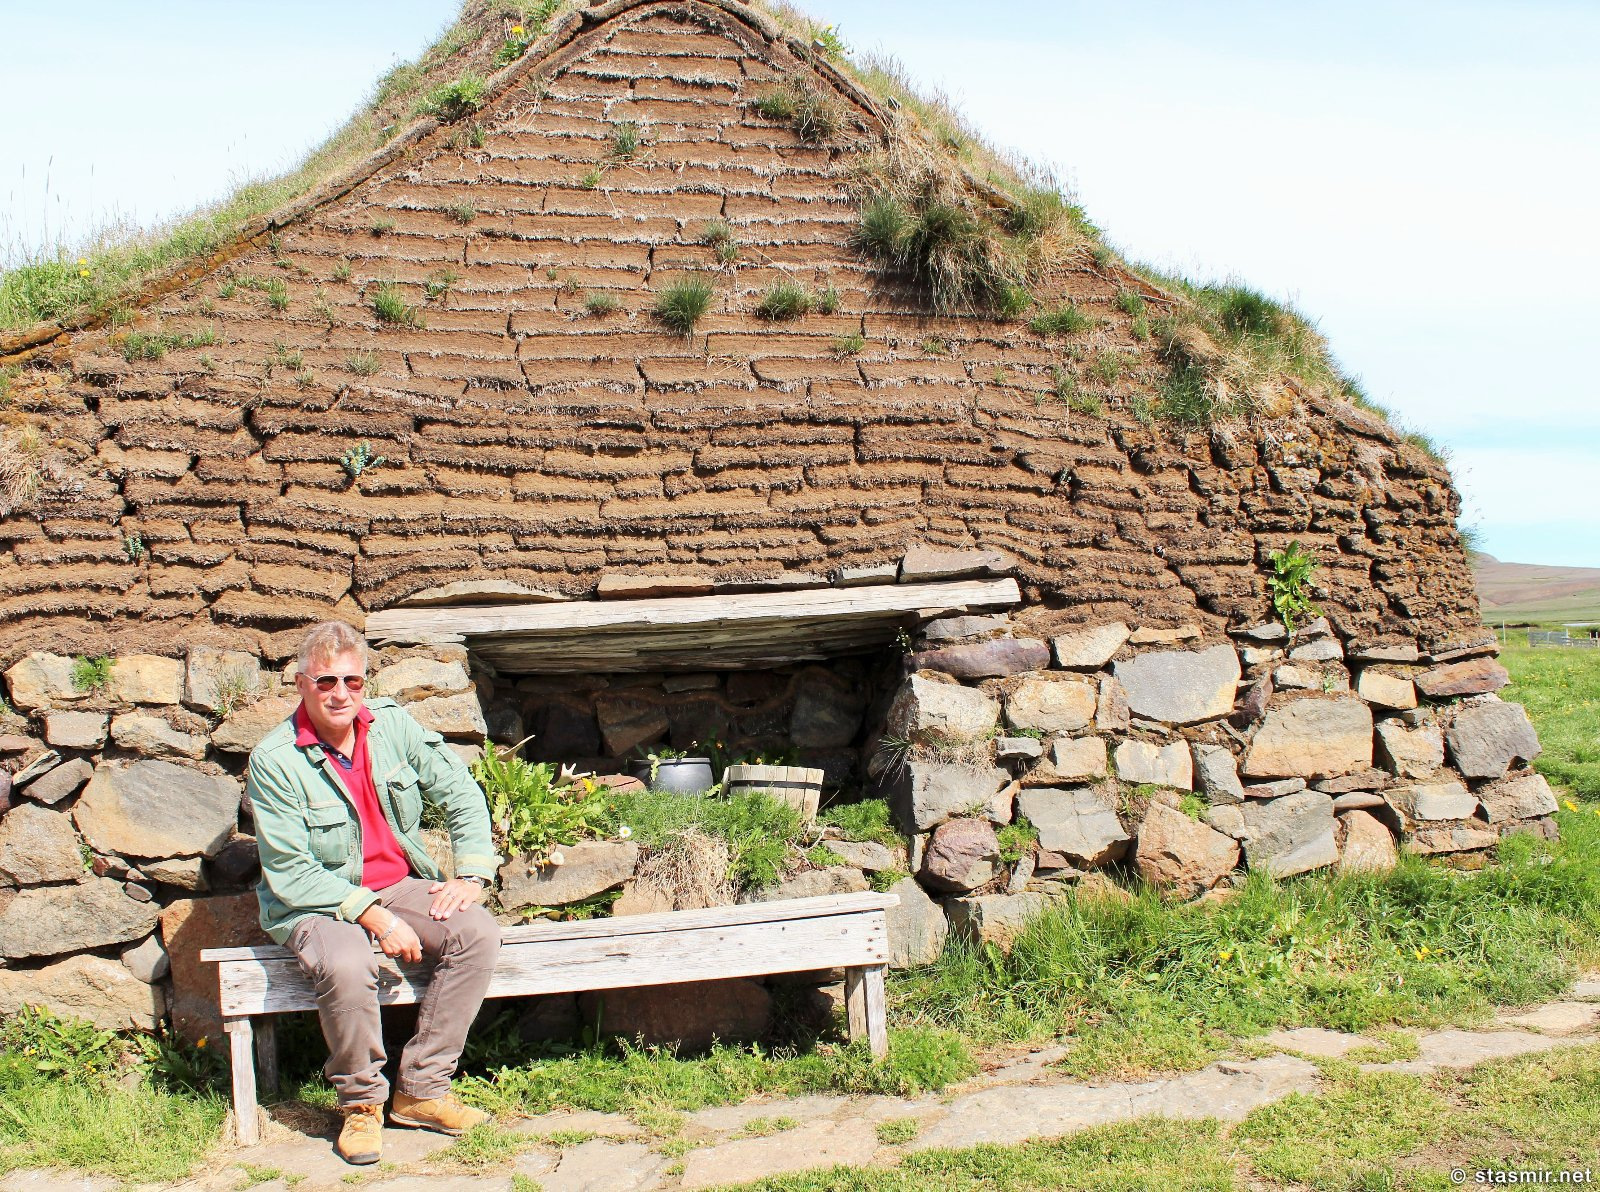 Sænautasel, исландская землянка в местечке Сайнёйтасель по дороге к вулкану Аскья, Восточная Исландия, фото Стасмир, photo Stasmir, Jökuldalsheiði